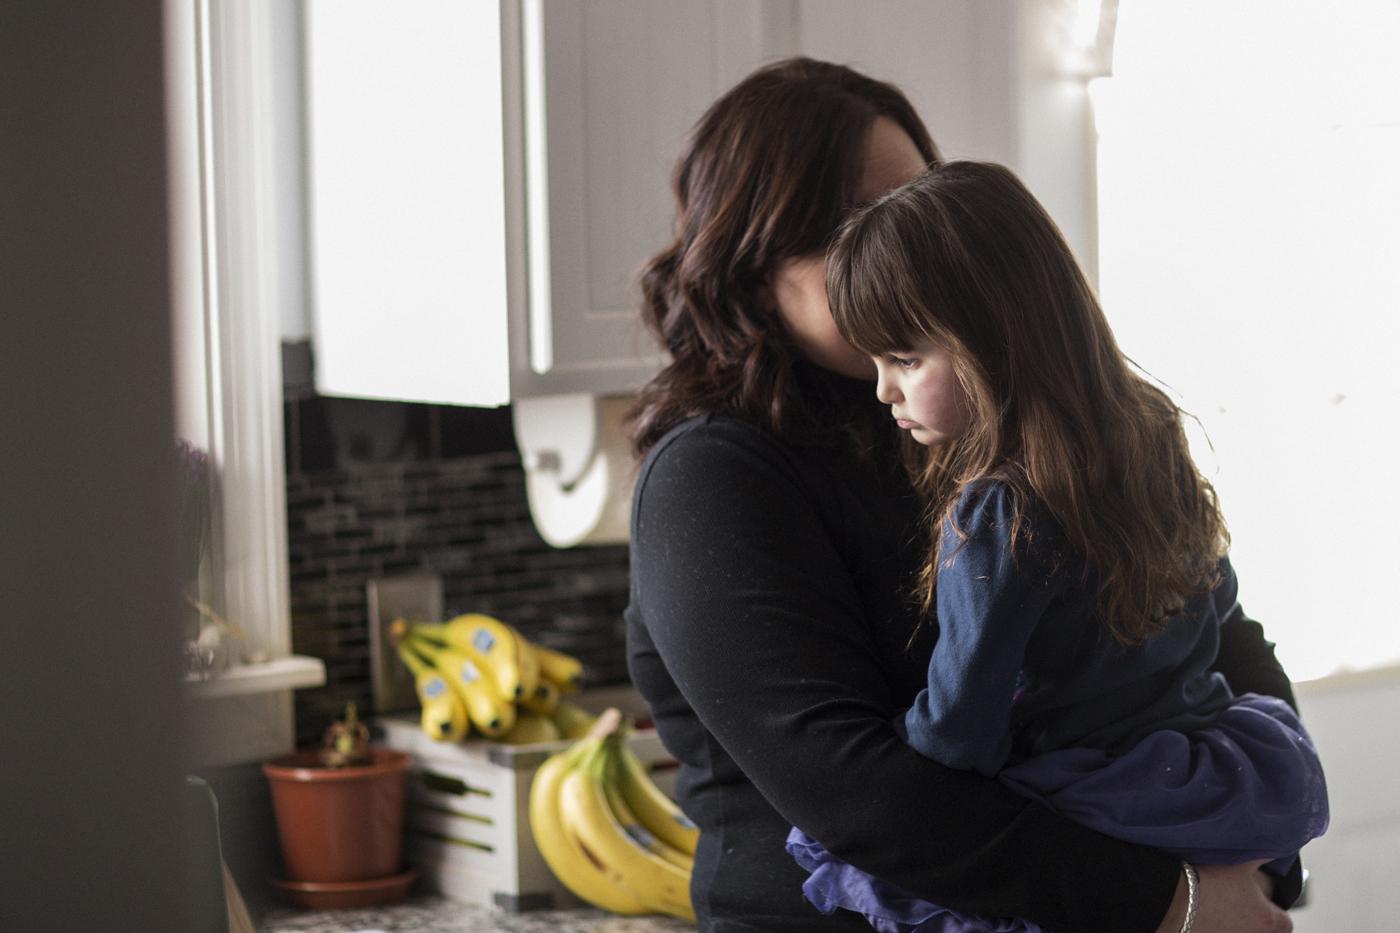 Violet's mom holds Violet